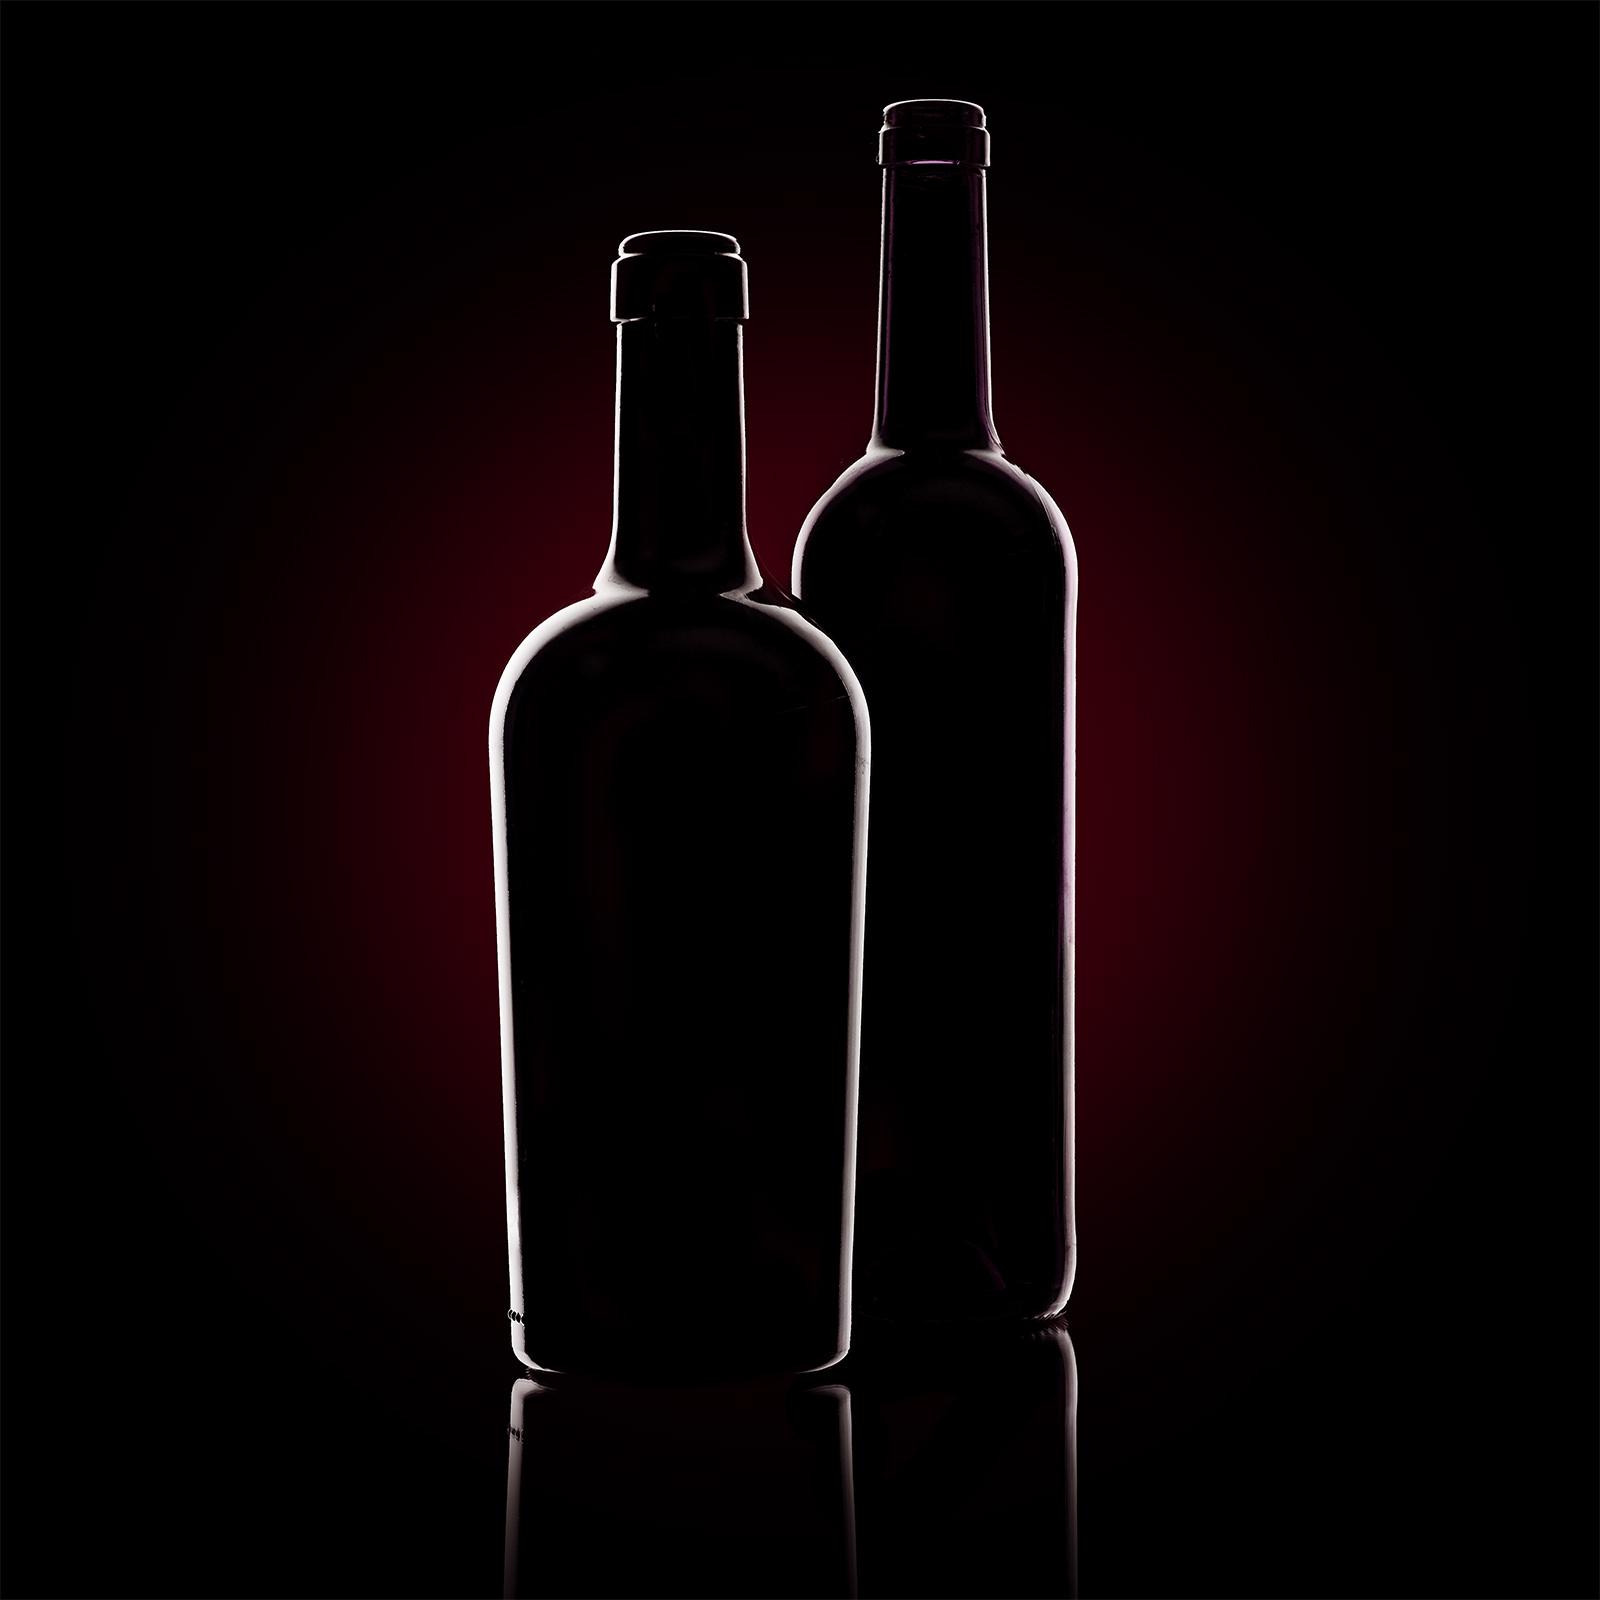 Marco Ribbe Produktfotograf, Produktfotografie von Weinflaschen mit Kantenlicht Silhouette.